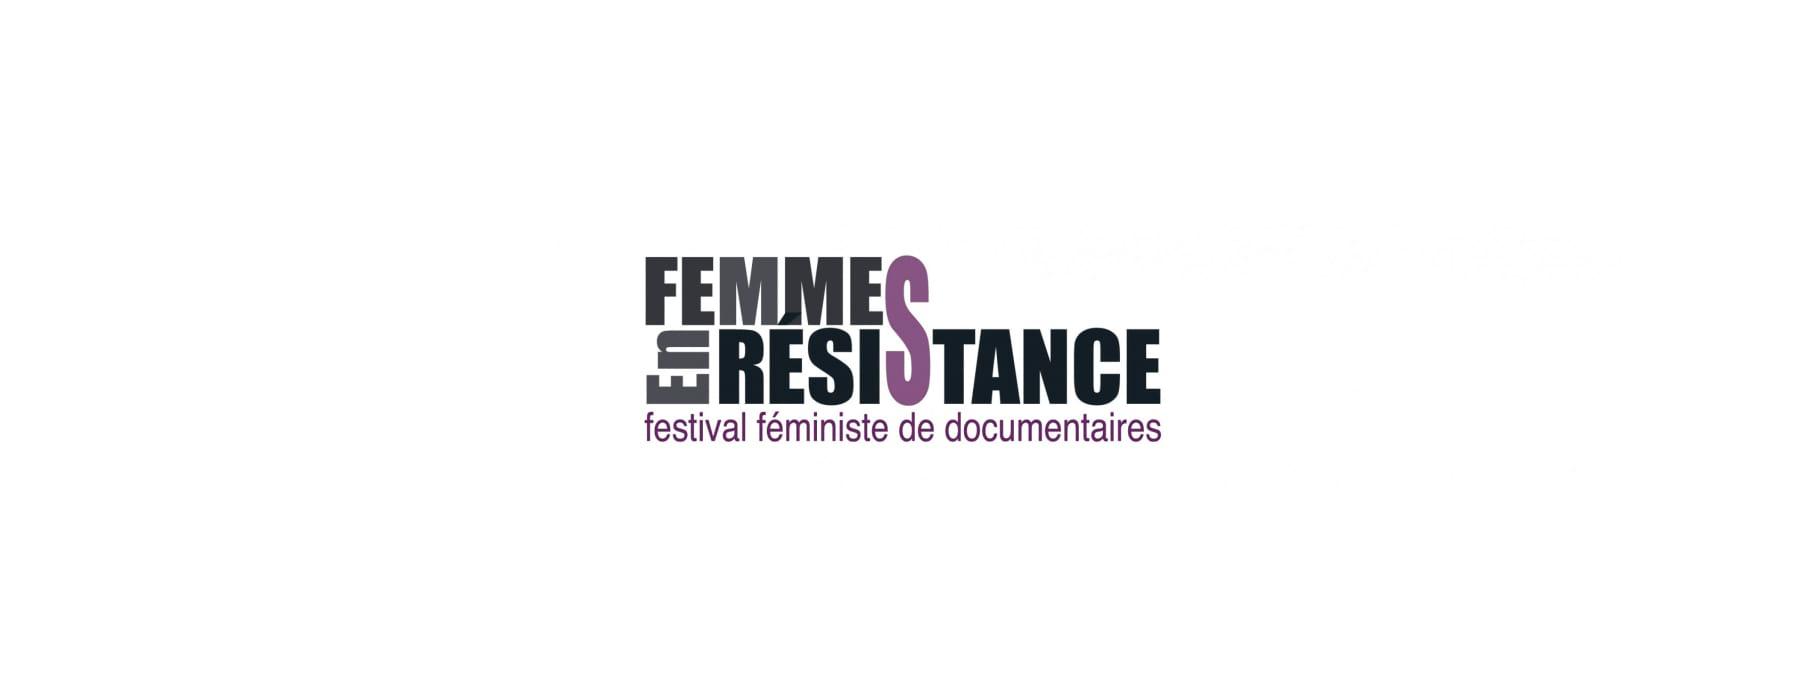 Festival Femmes en Résistance Arcueil 29 et 30/9/18